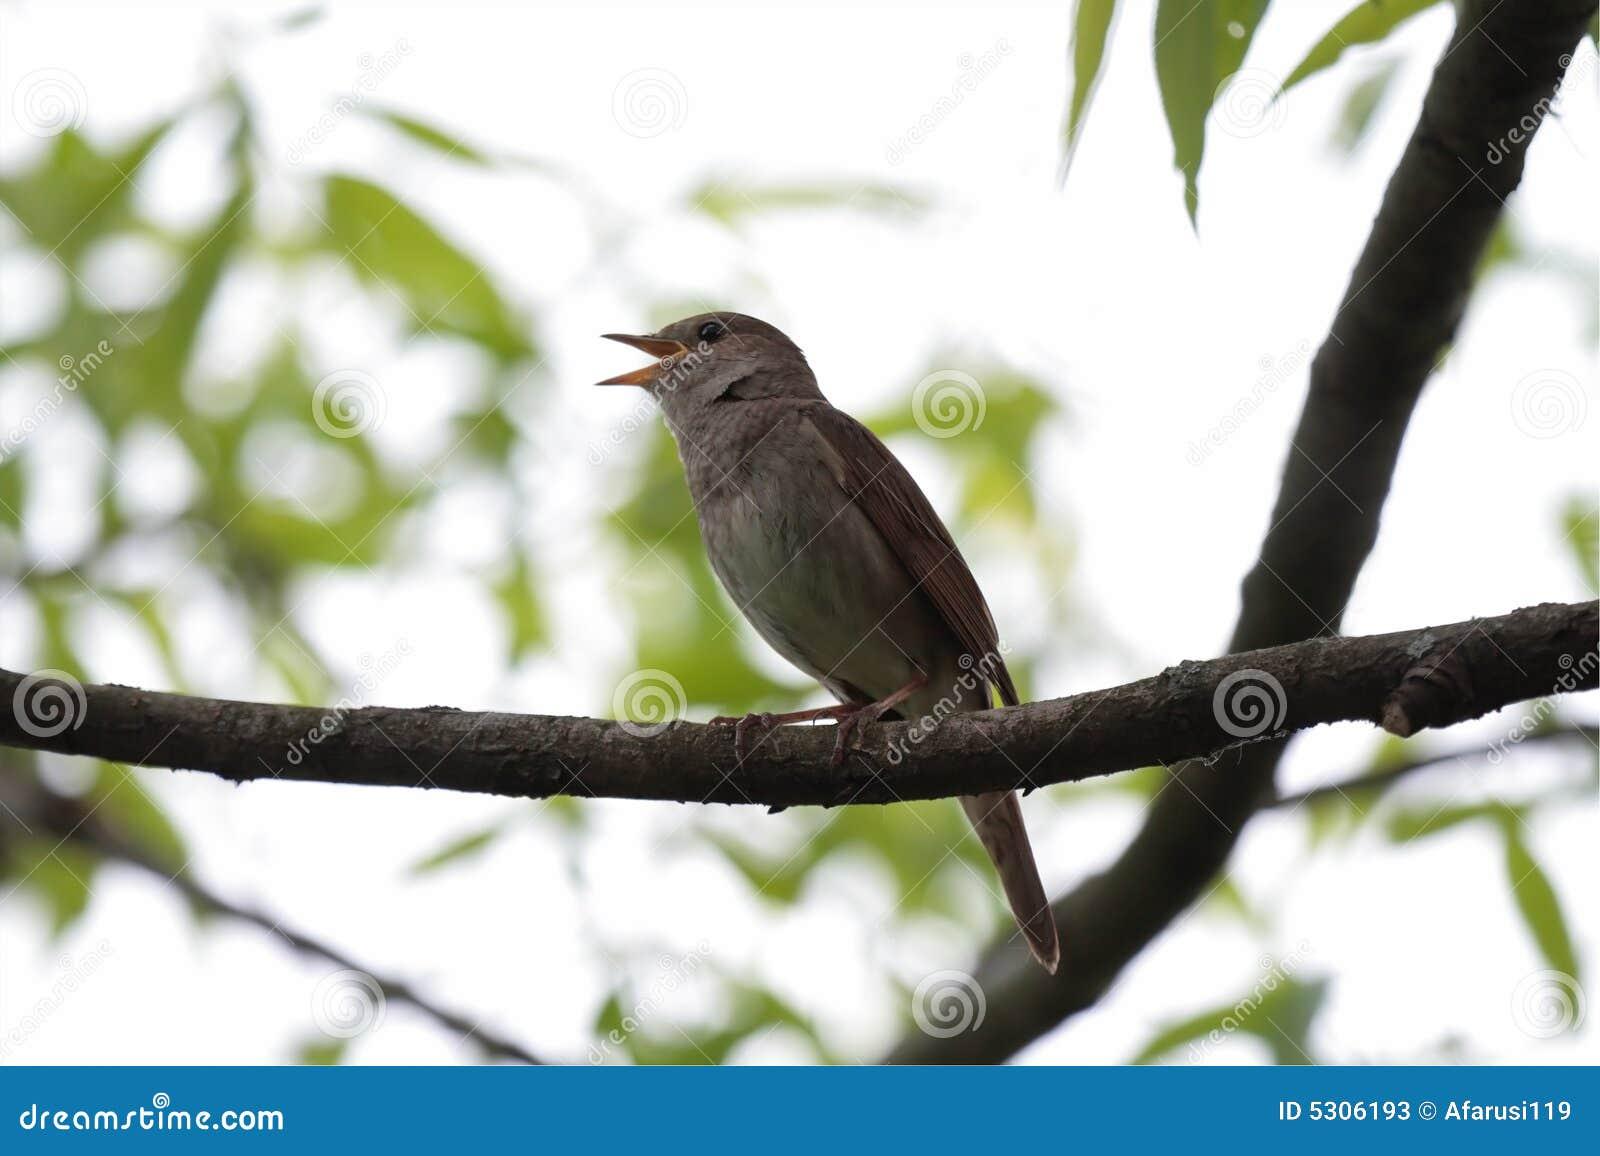 Download Nightingale. immagine stock. Immagine di foglio, prudente - 5306193